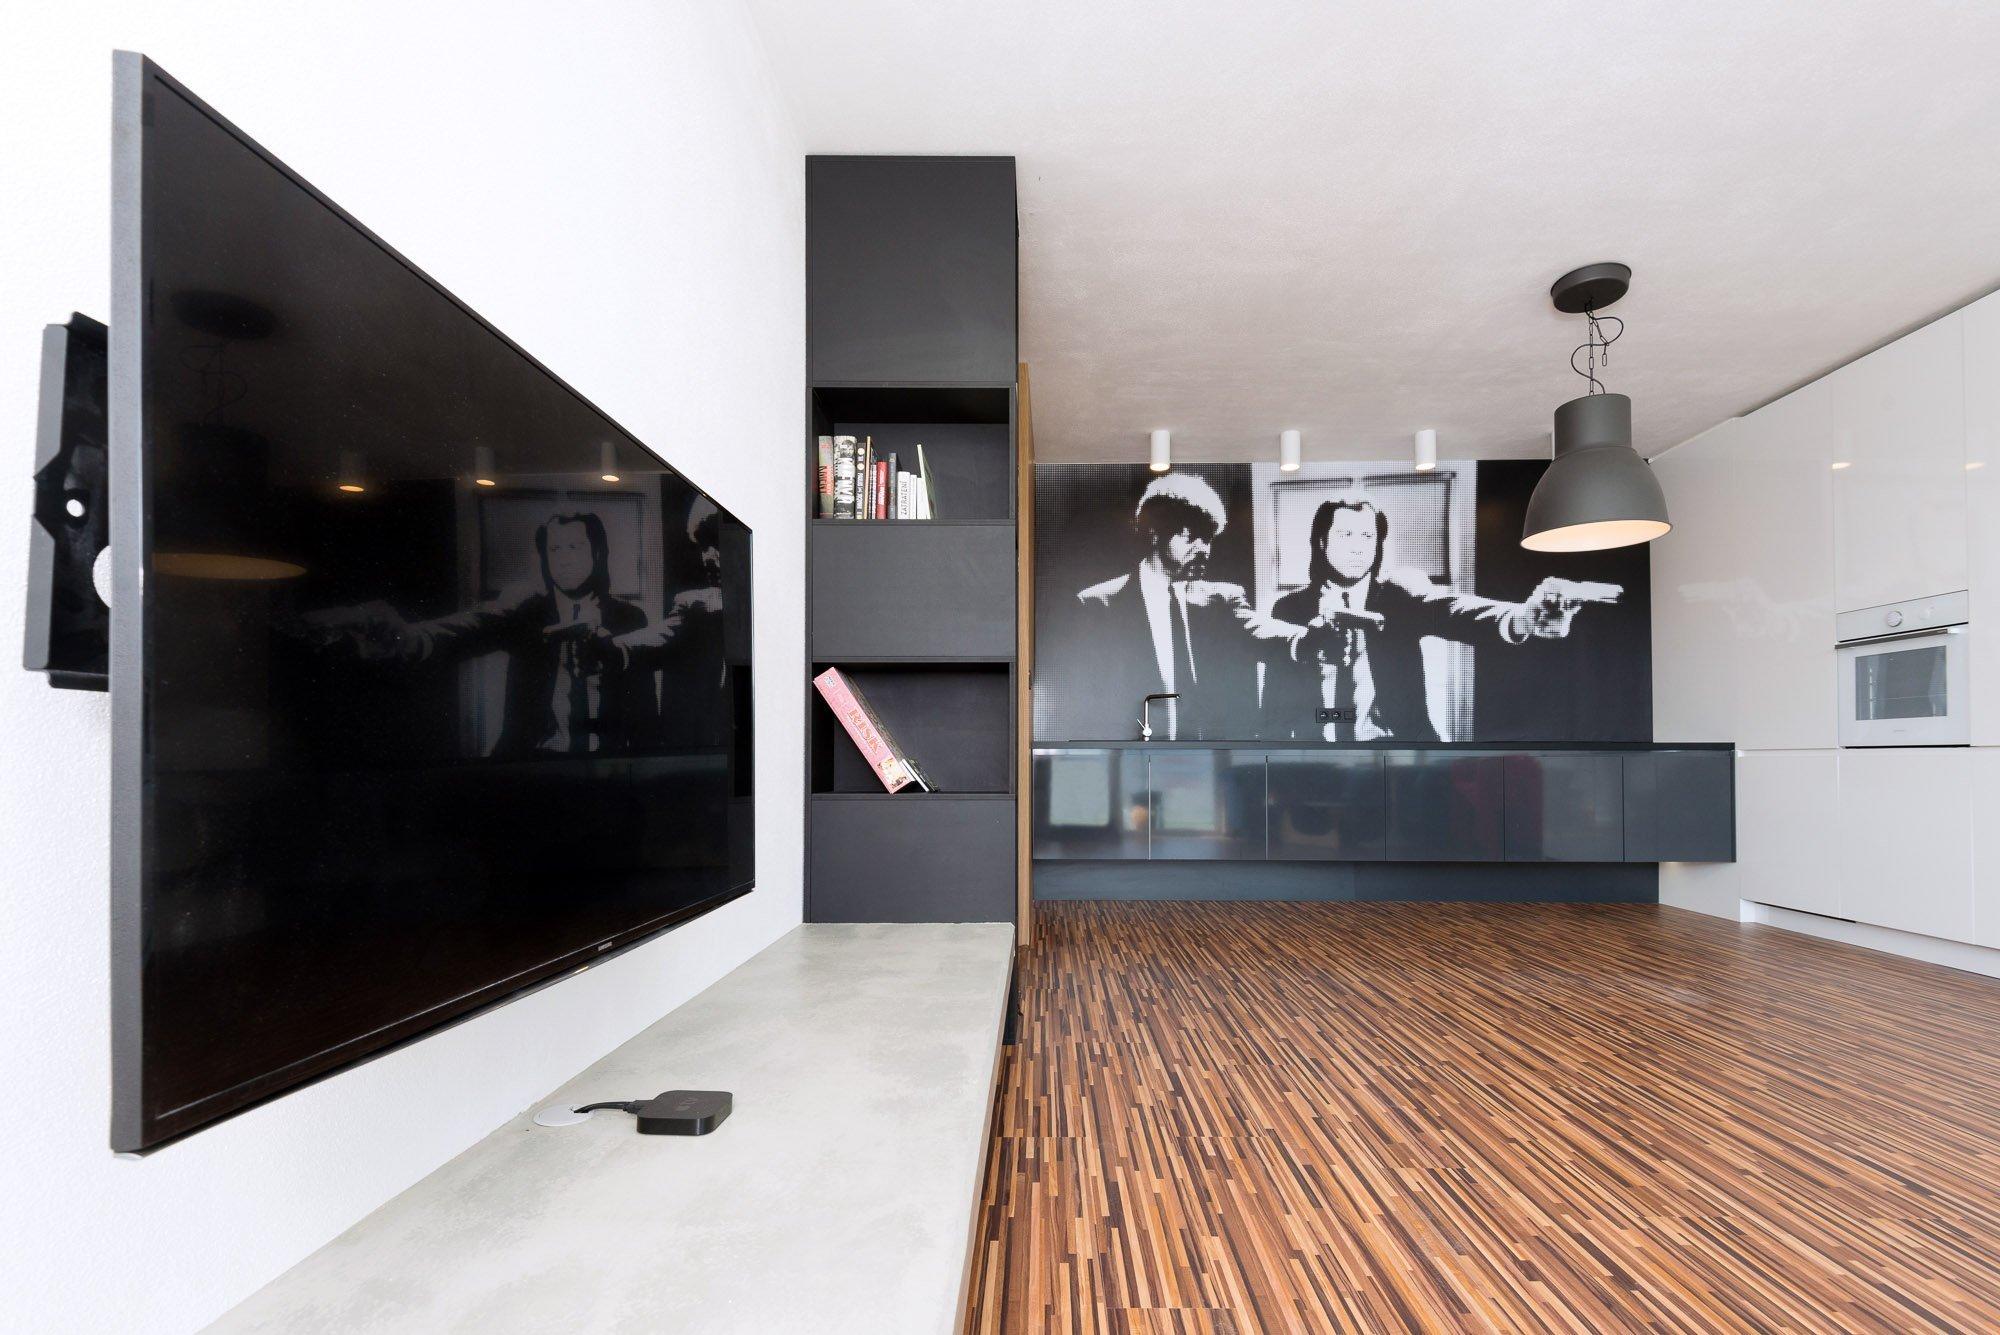 Krásny aštýlový byt vnovostavbe, ktorý zodpovedá povahe majiteľa a aktuálnym trendom v interiéri. Využitá nápaditosť vštýle filmového ducha …